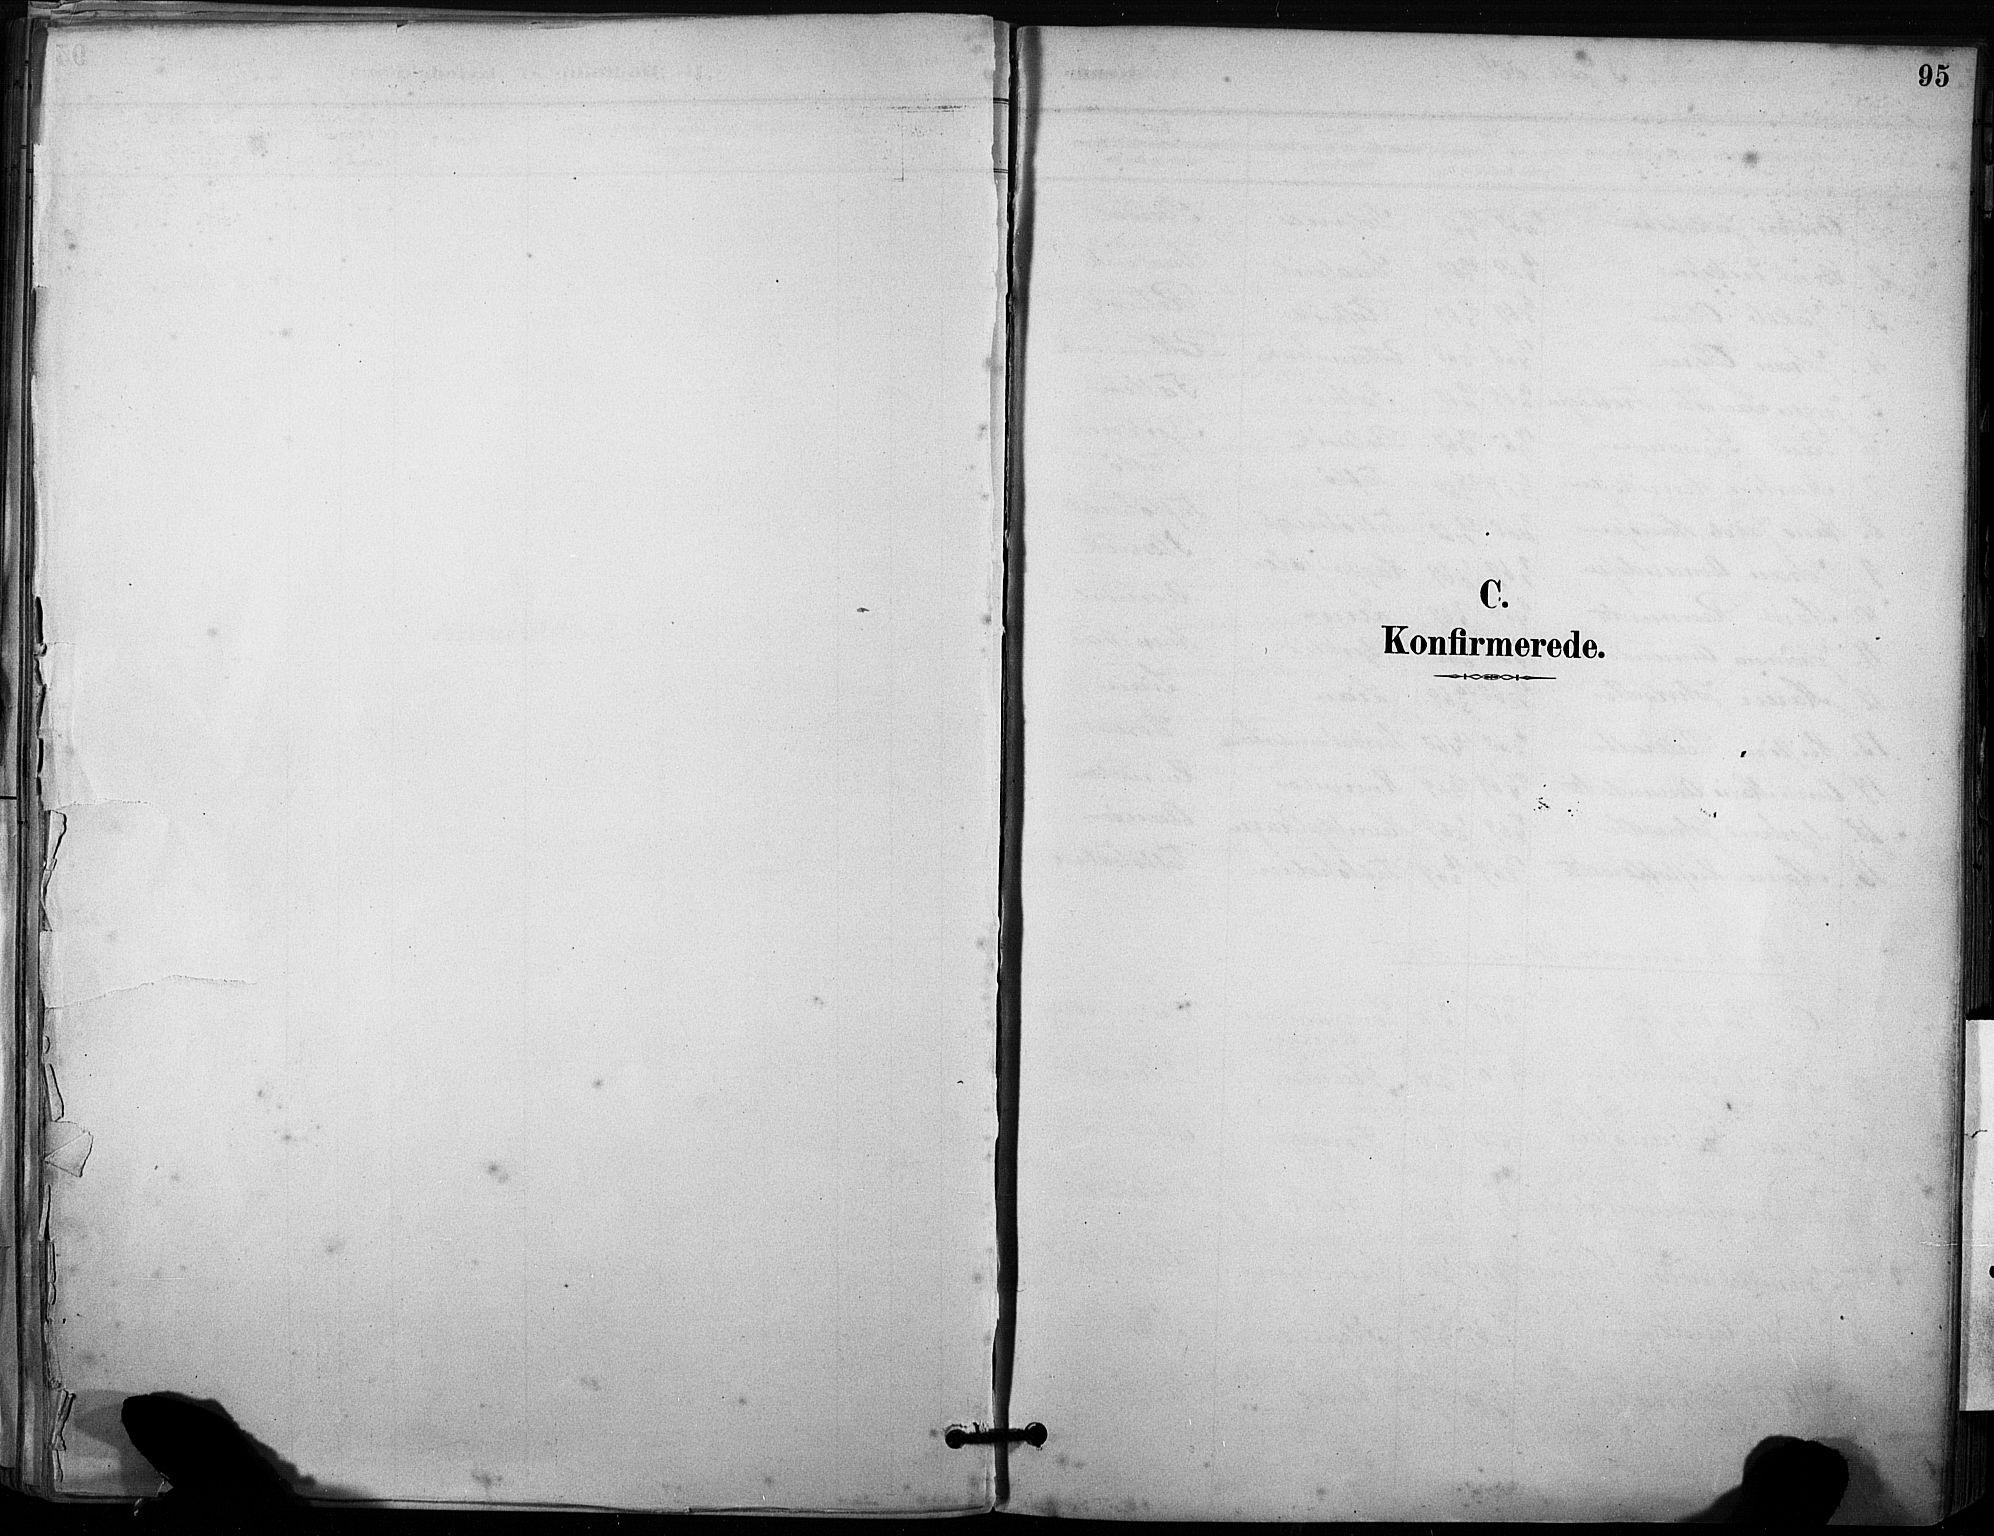 SAT, Ministerialprotokoller, klokkerbøker og fødselsregistre - Sør-Trøndelag, 633/L0518: Ministerialbok nr. 633A01, 1884-1906, s. 95